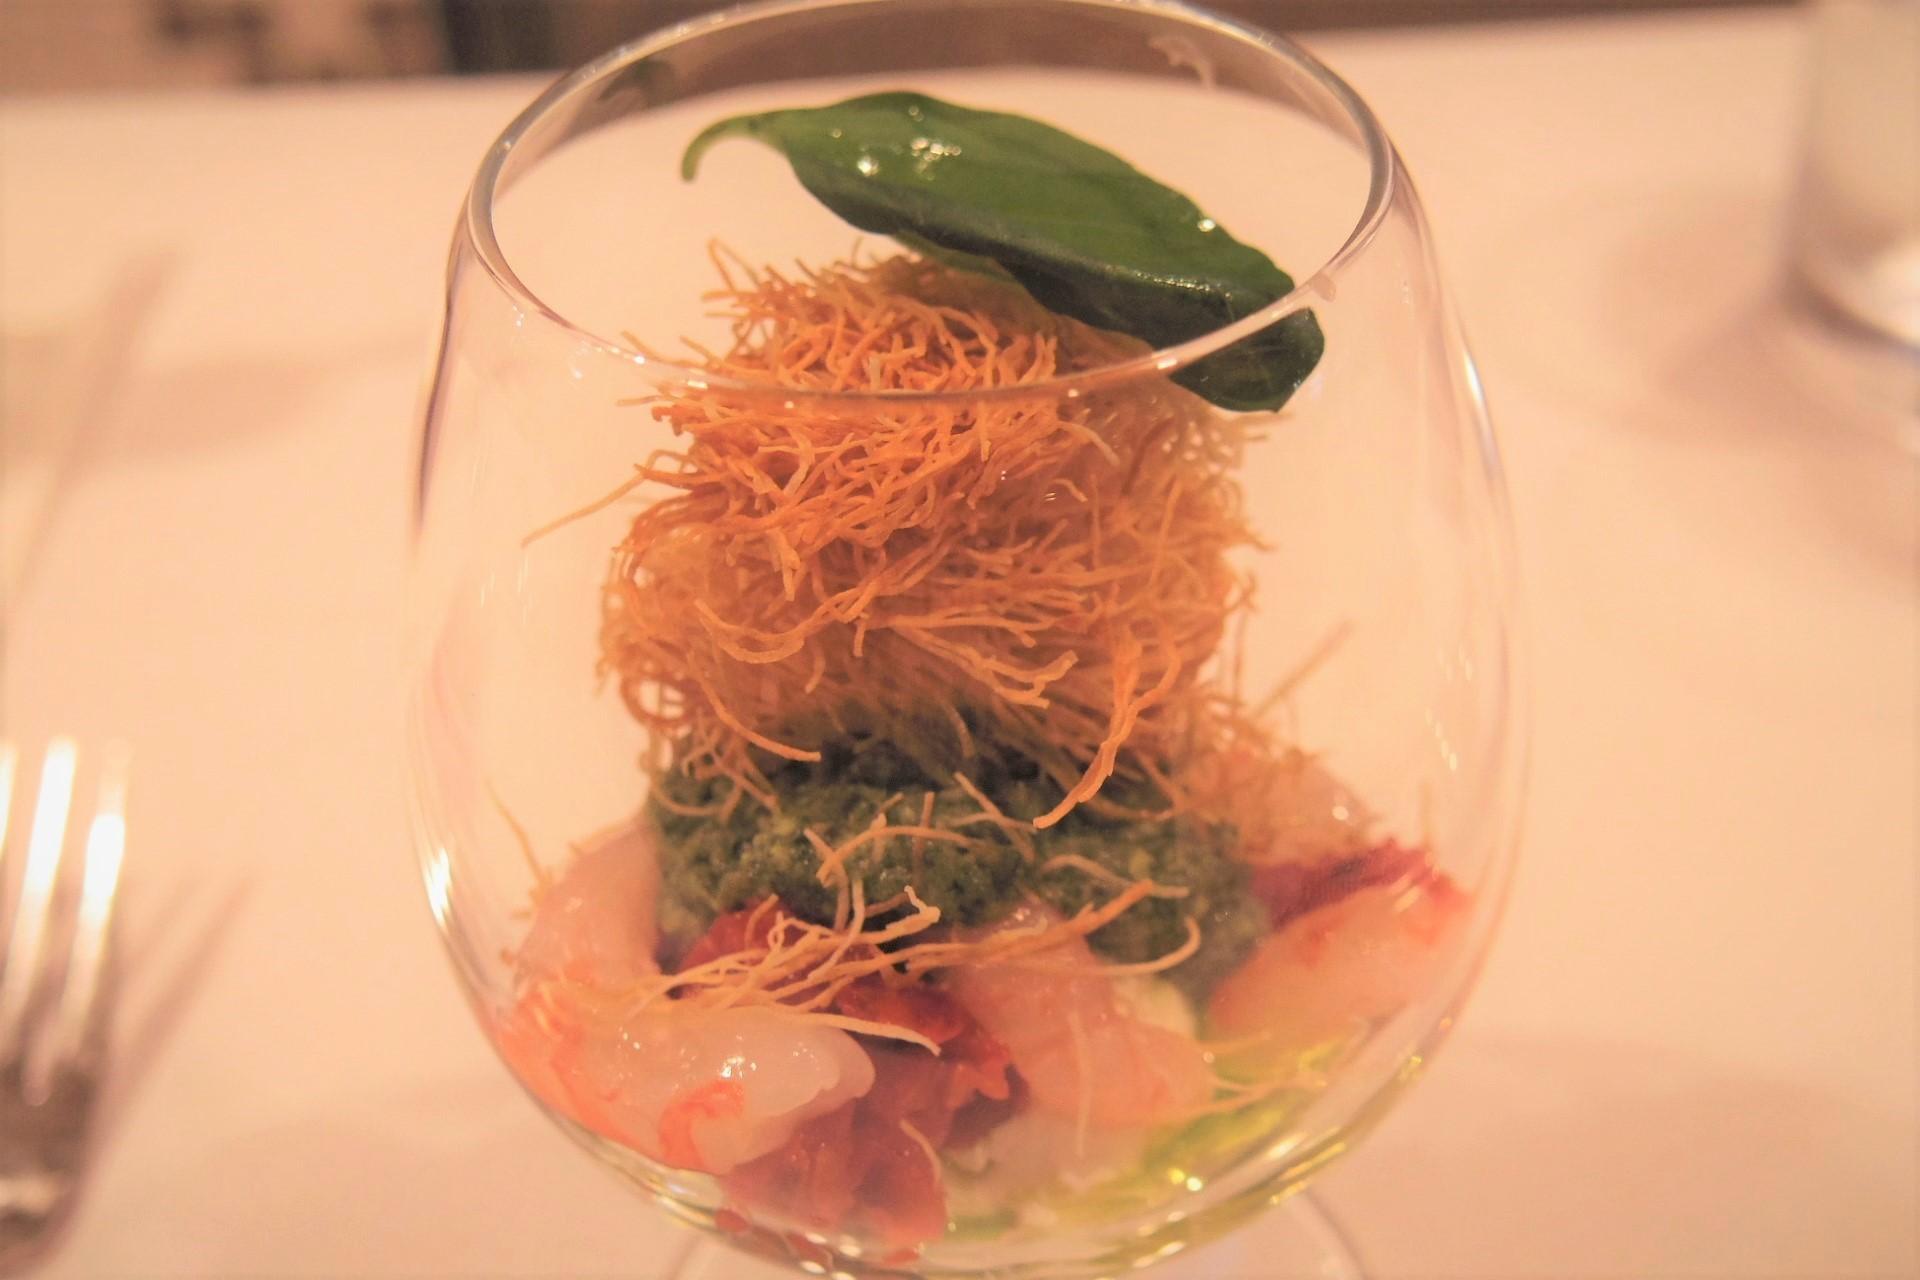 「サンペレグリノ ヤングシェフ」優秀若手シェフの創作性あふれる料理をポップアップレストランで_b0354293_15180076.jpg